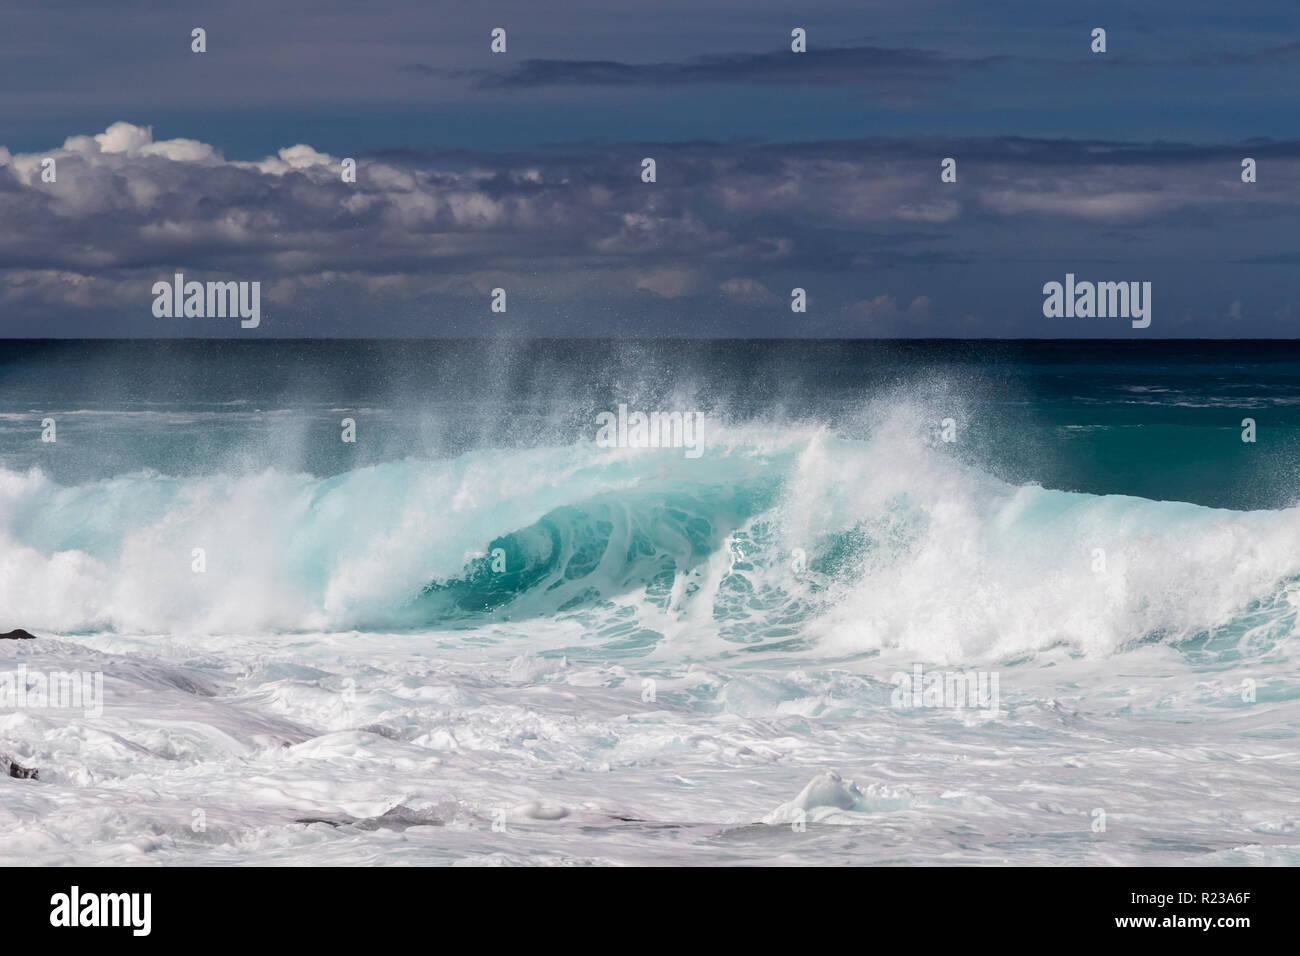 Ola curling en hawaiano Kona, cerca de la playa. Spray de volar de regreso en la parte superior de la onda. Espuma de oleada anterior en primer plano. Mar Blanco spray lanzados al aire. Foto de stock